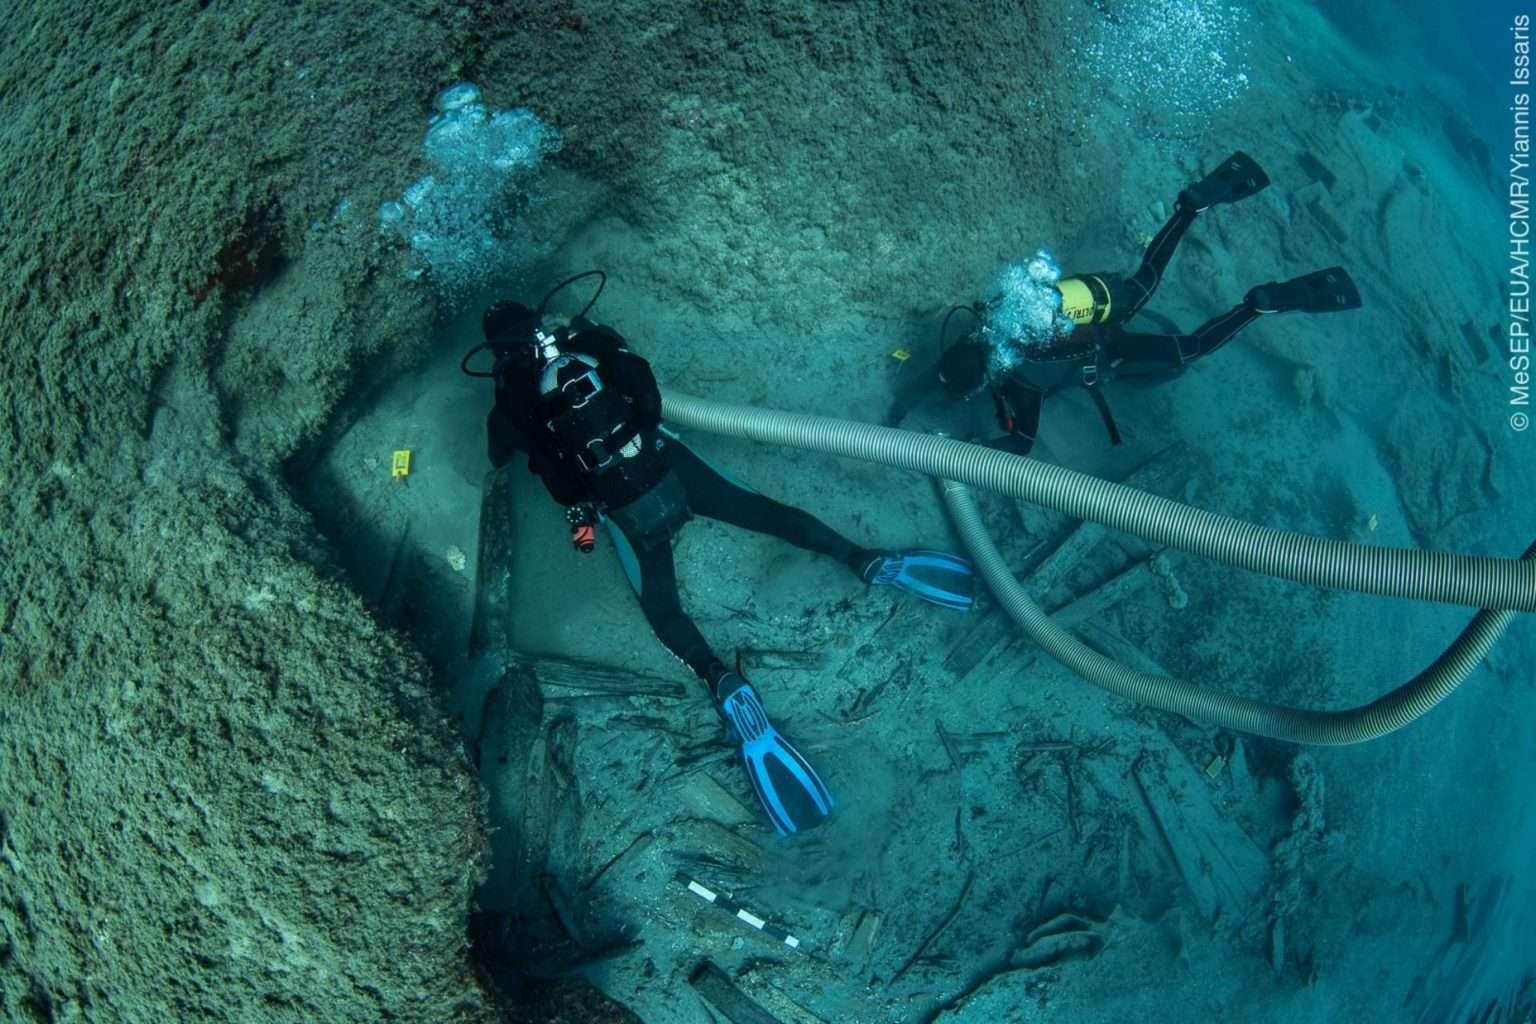 podwodni archeolodzy pracujący na wraku